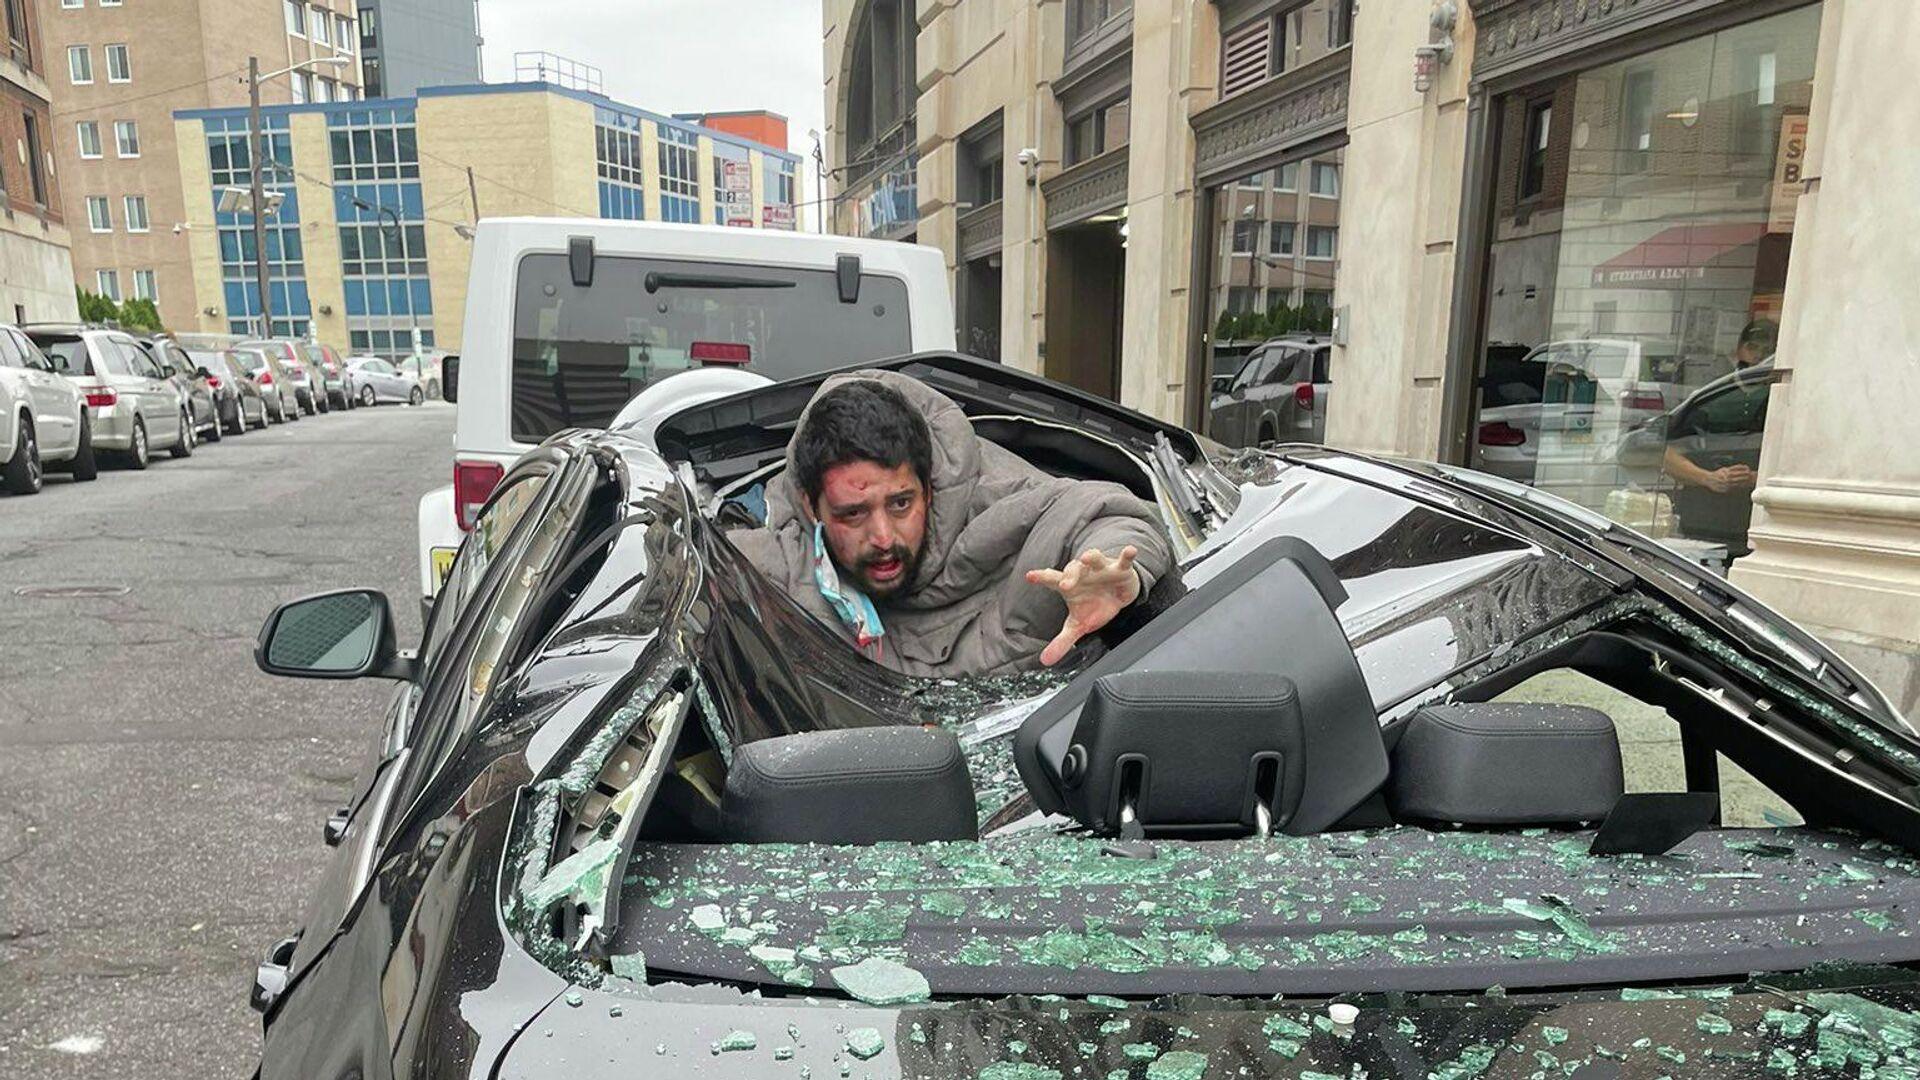 Άνδρας επιβίωσε αφού έπεσε από τον 9ο όροφο και προσγειώθηκε σε αυτοκίνητο - Sputnik Ελλάδα, 1920, 08.10.2021